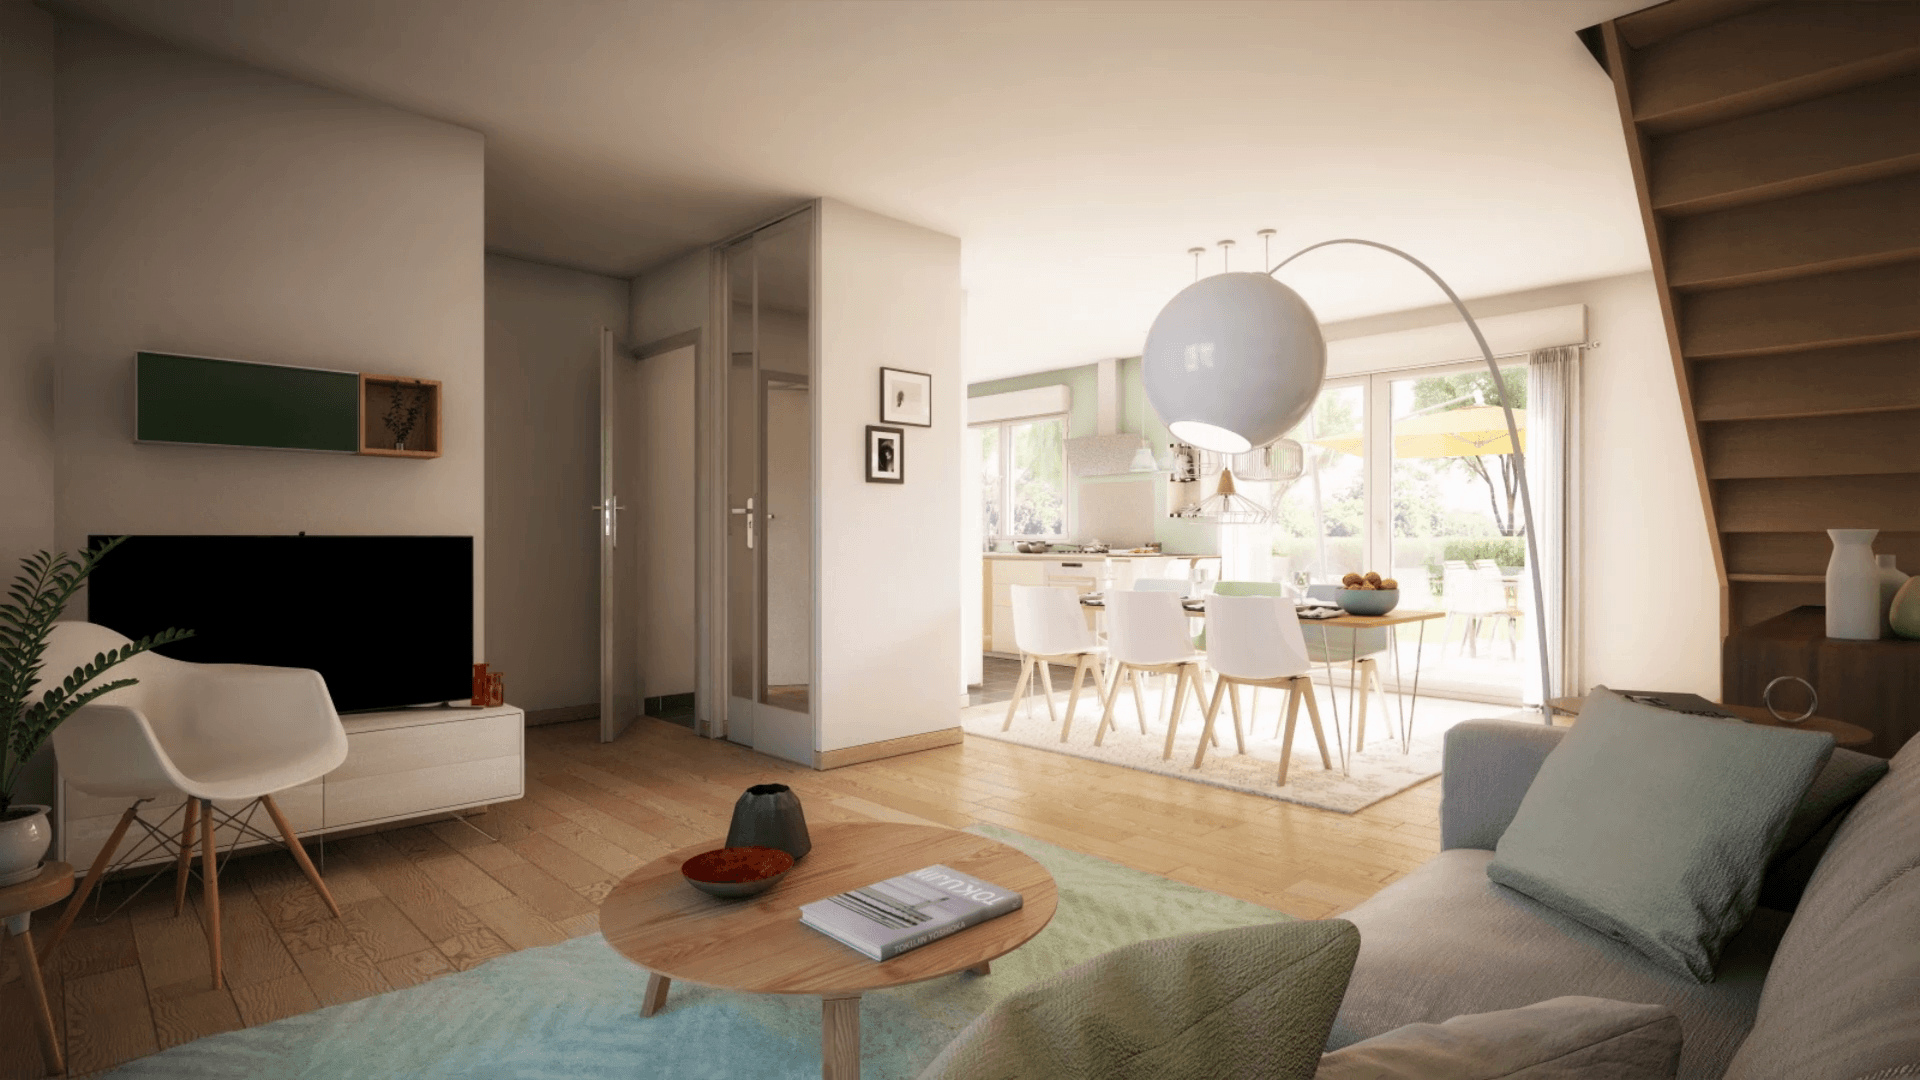 Votre maison + terrain à Rambouillet  - 78120